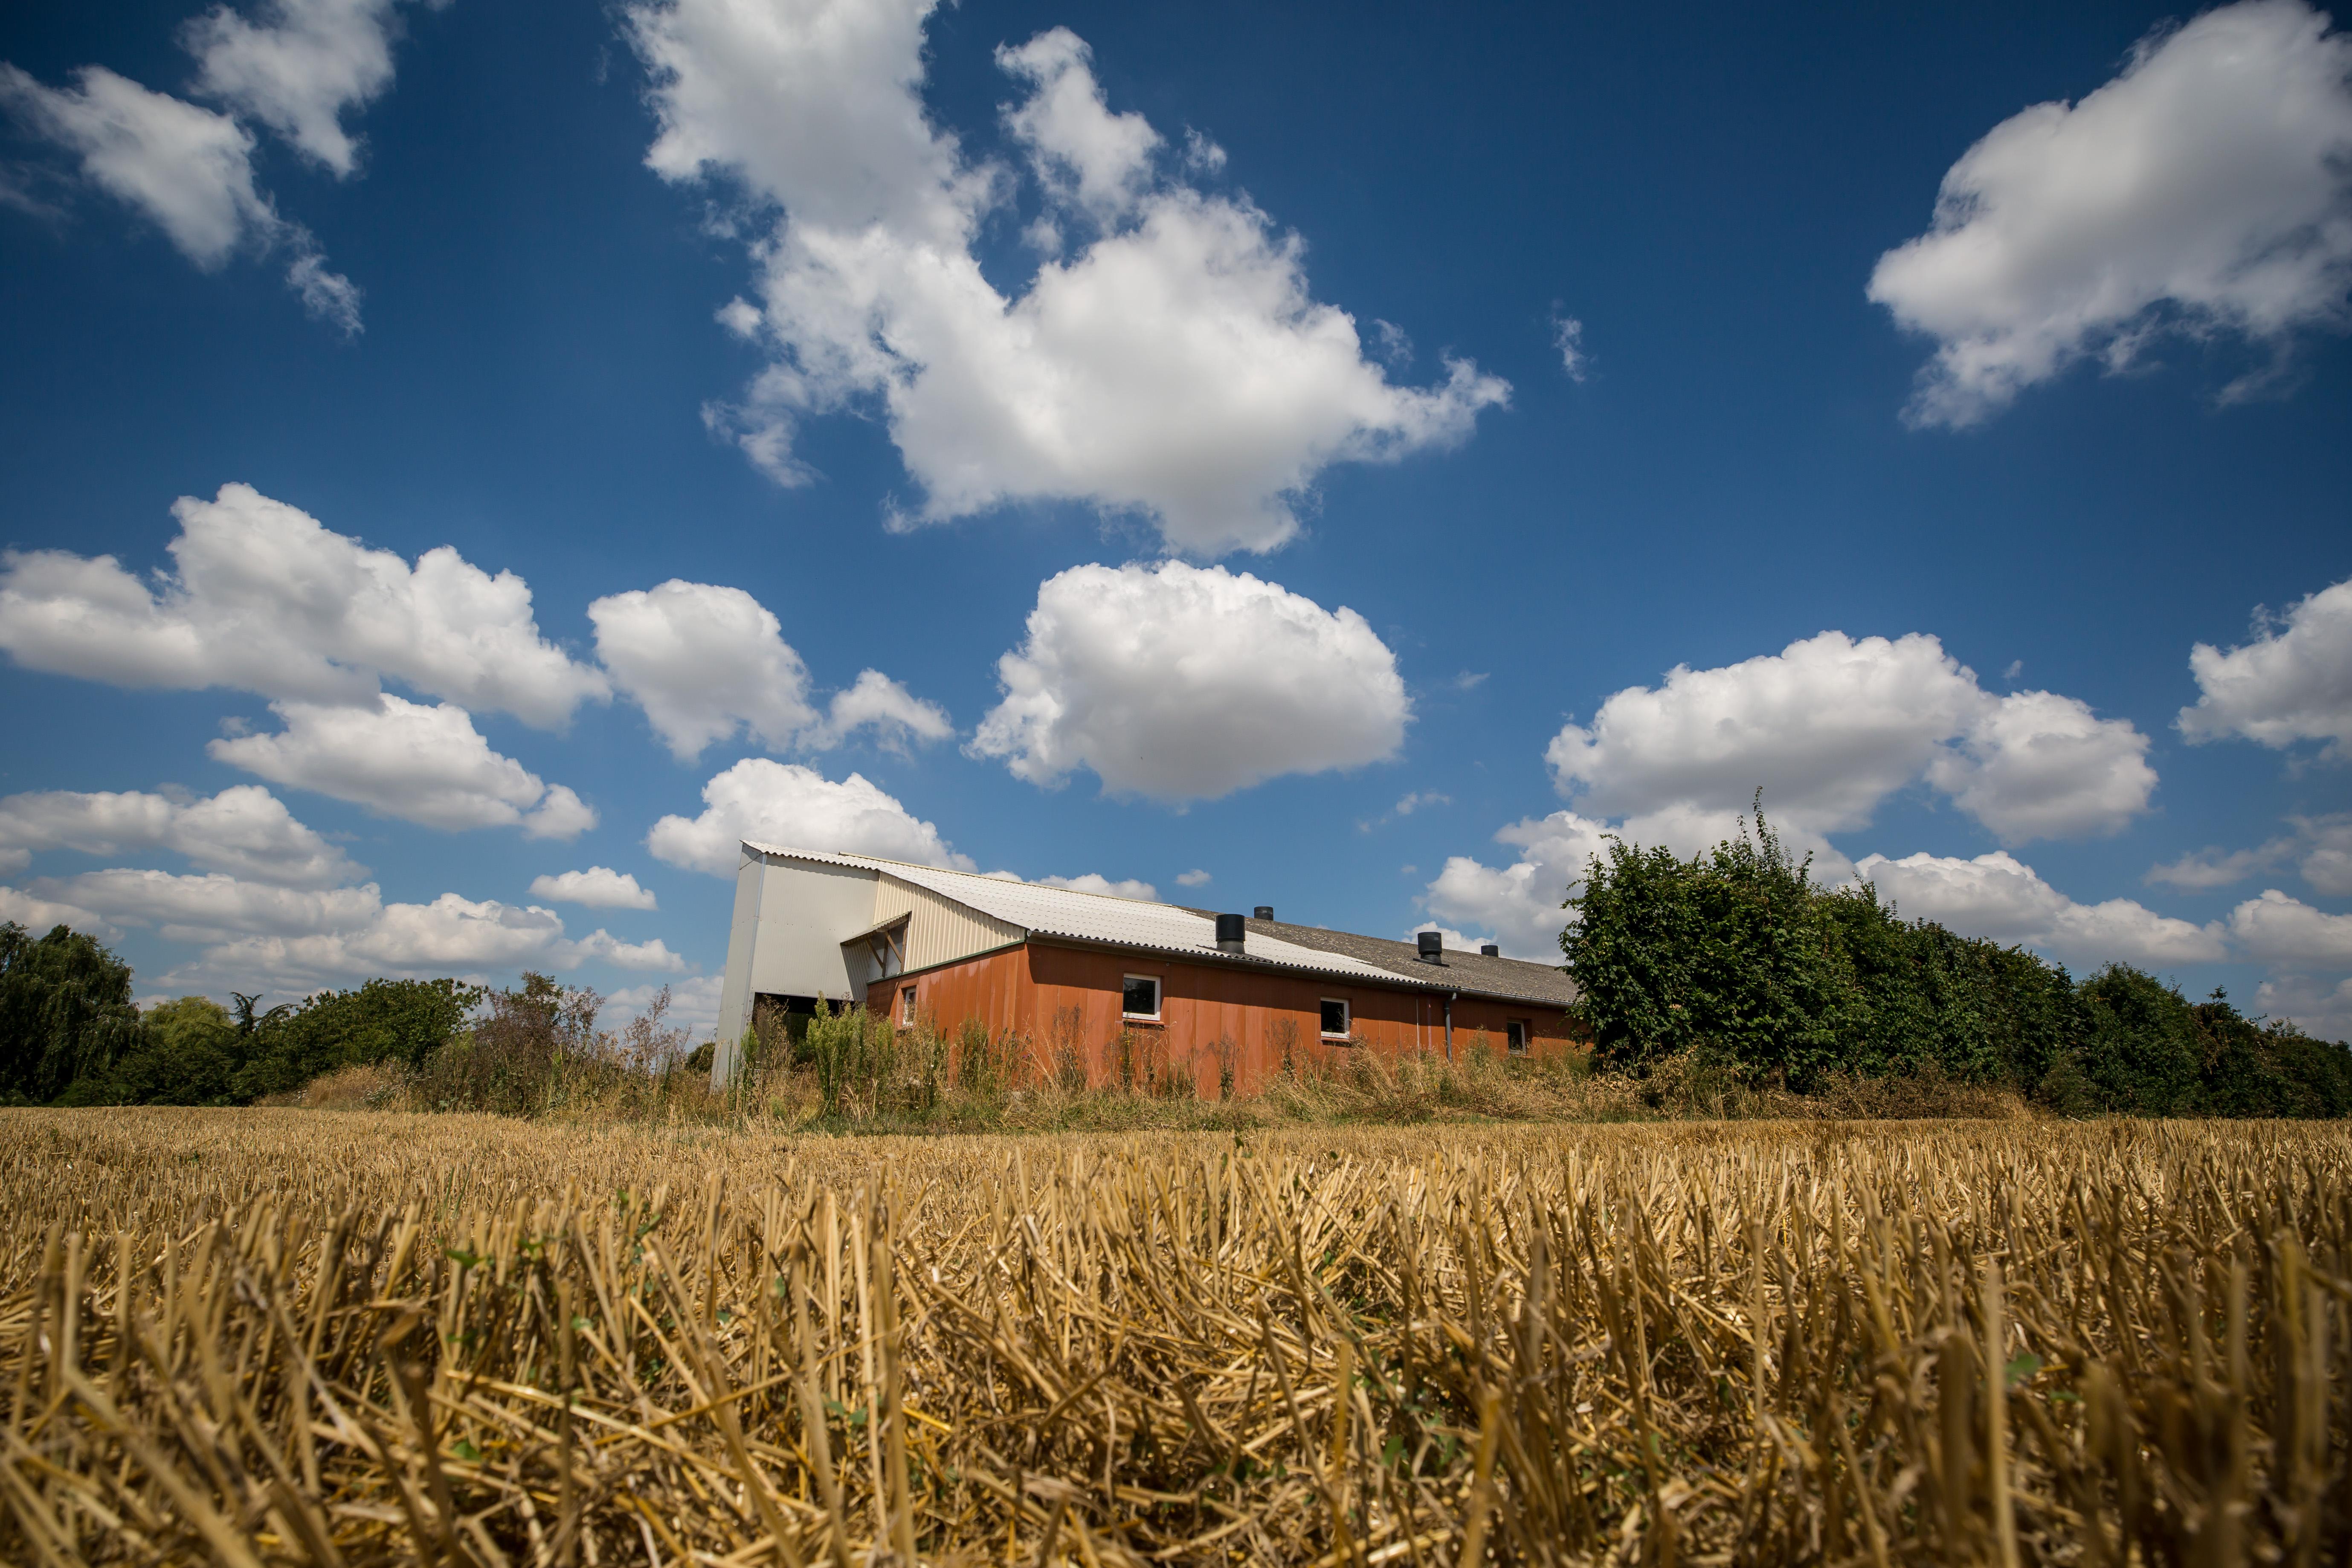 Les émissions du secteur agricole ont baissé selon le Haut Conseil pour le Climat